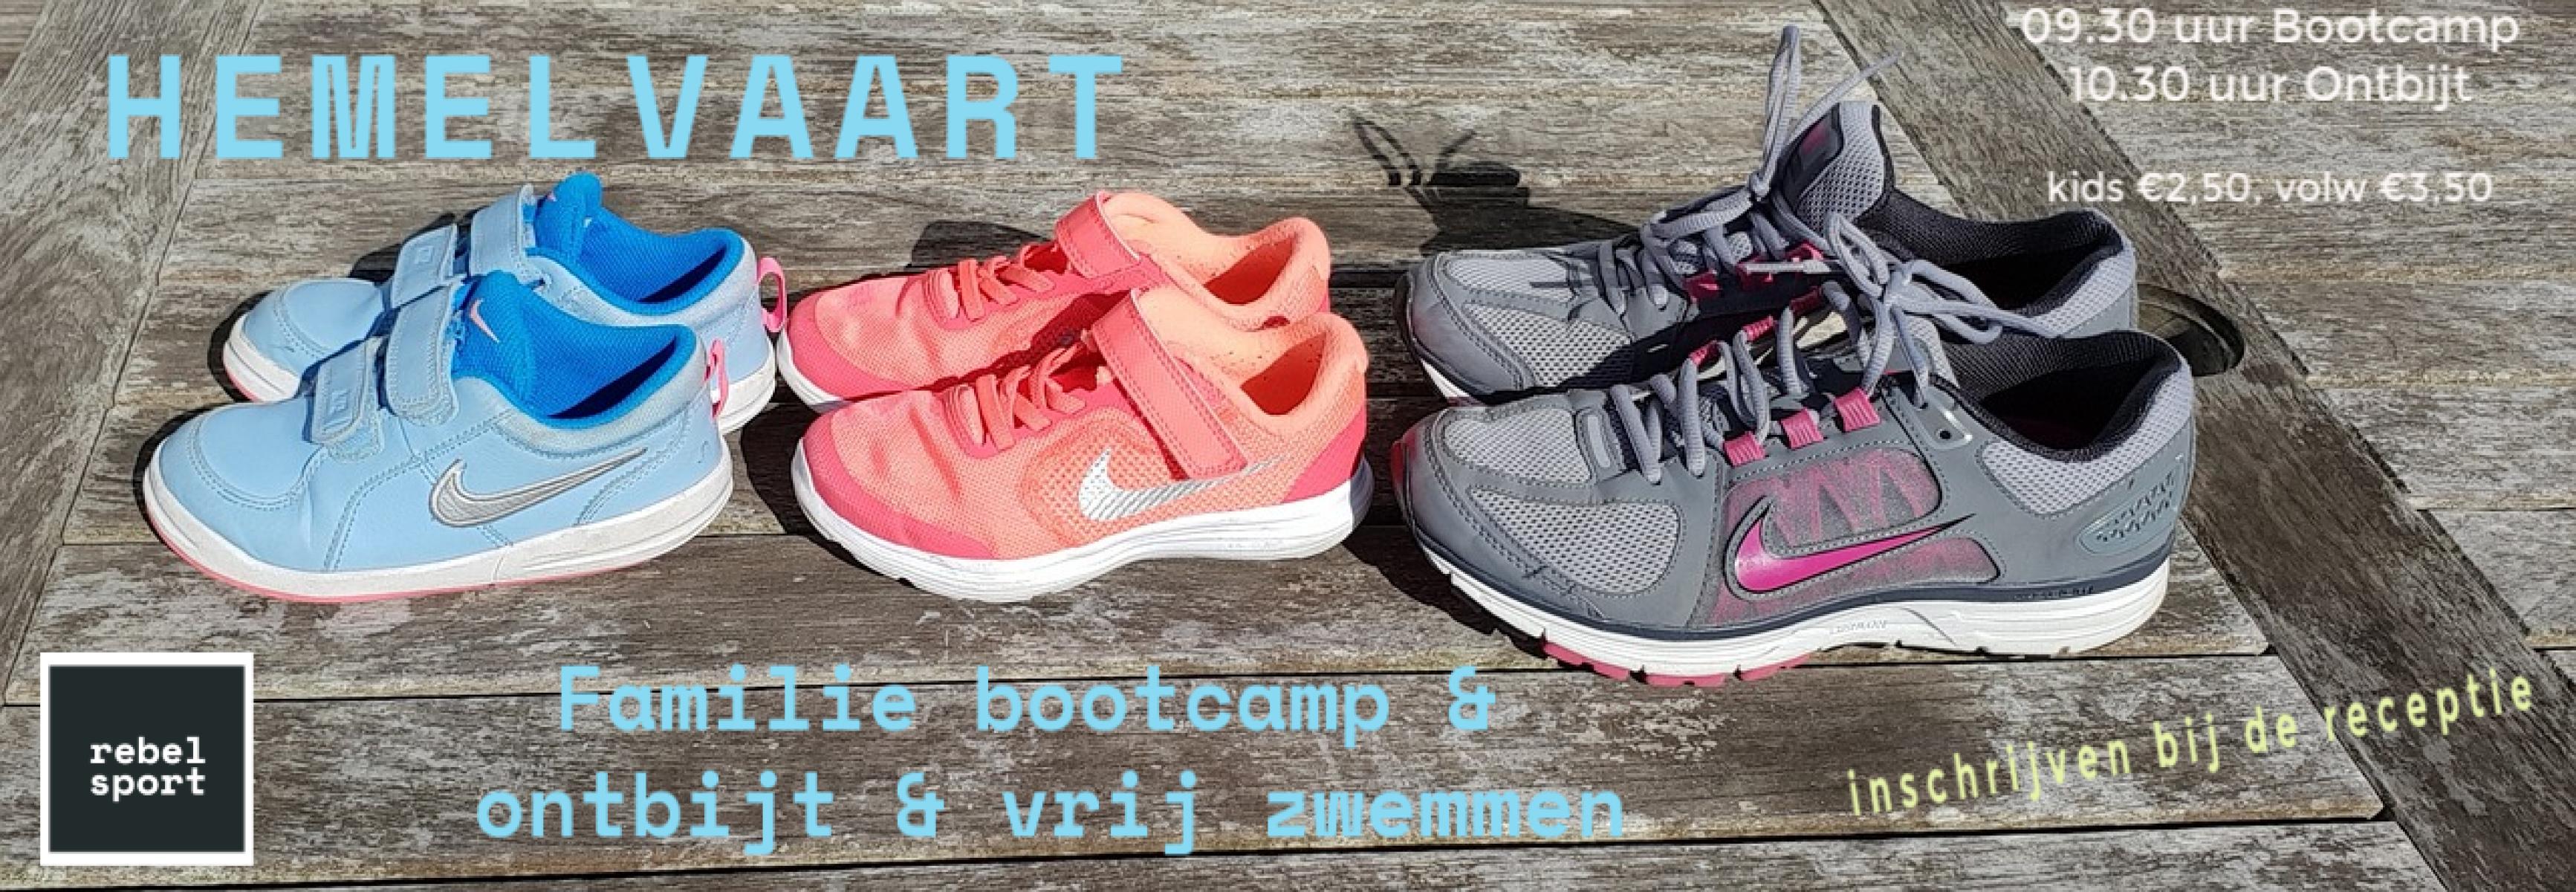 hemelvaart Bootcamp